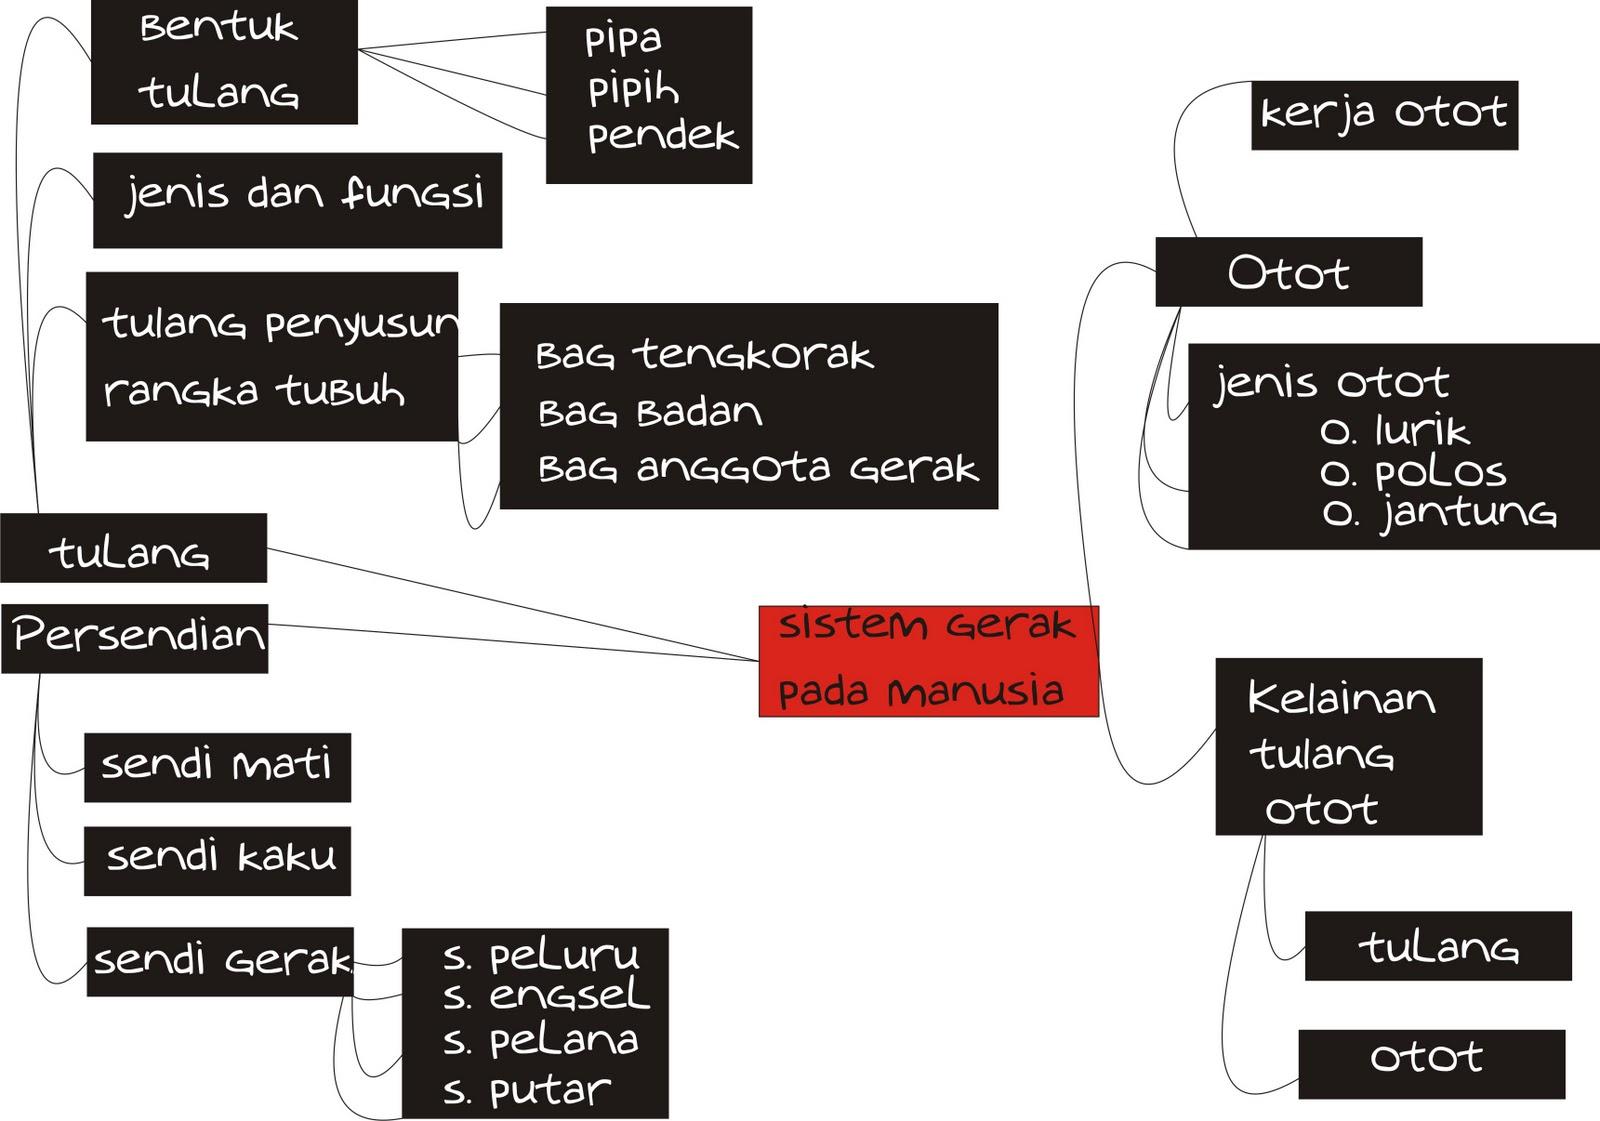 Materi Gerak Pada Tumbuhan Kuis Biologi Smp Kelas Viii Materi Macam Macam Gerak Sistem Gerak Pada Manusia Peta Konsep